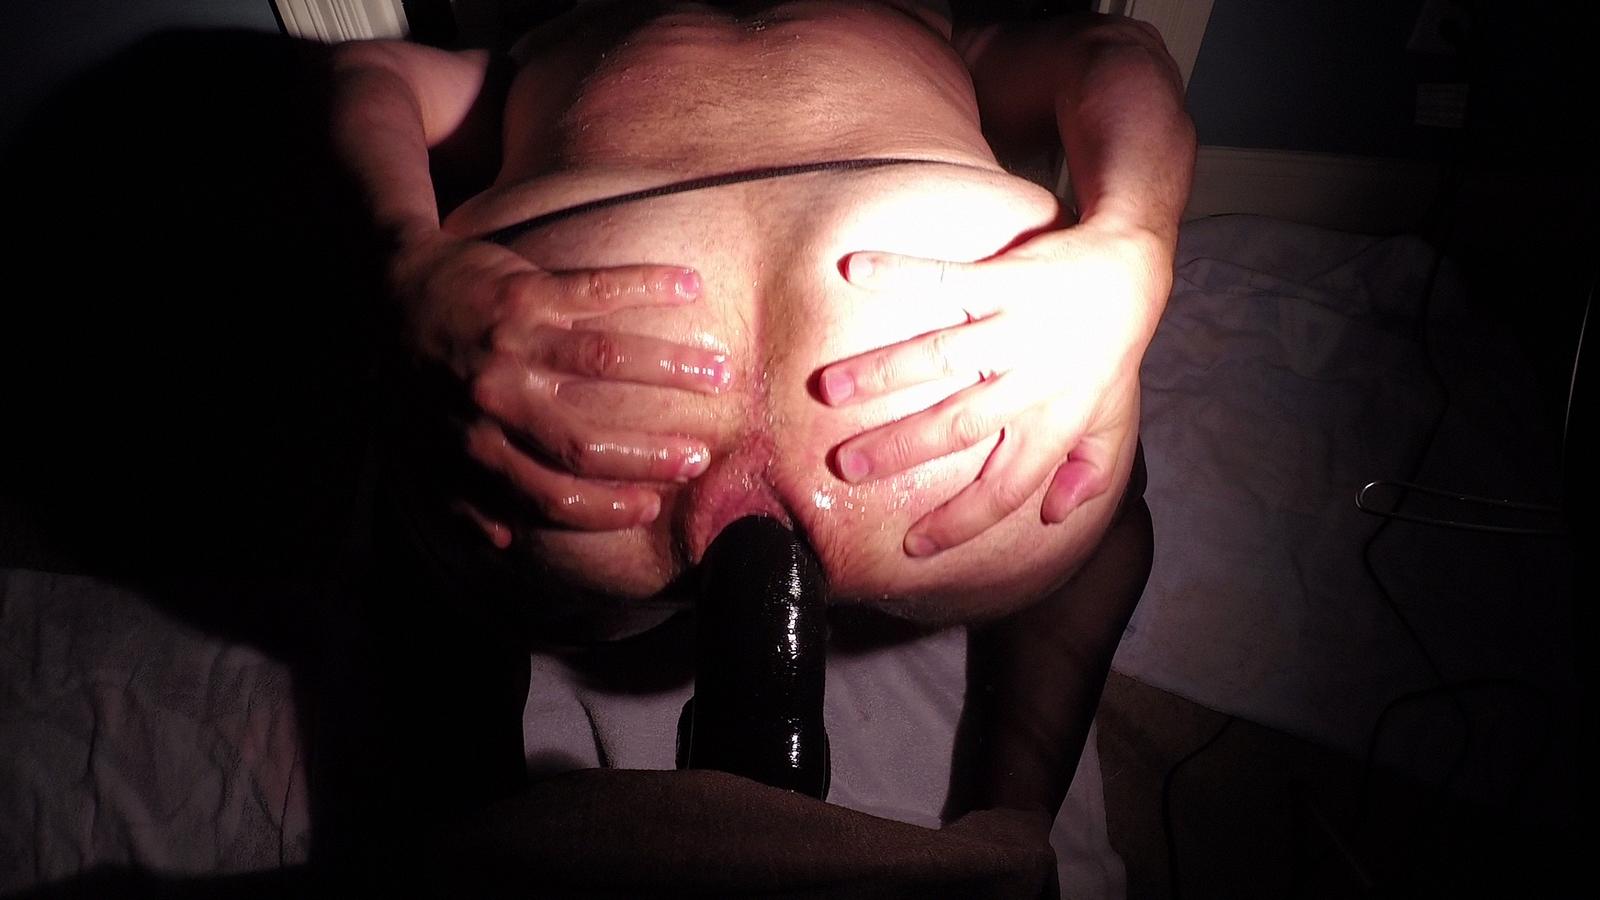 Тетка занимается аналом с крупным, черным самотыком